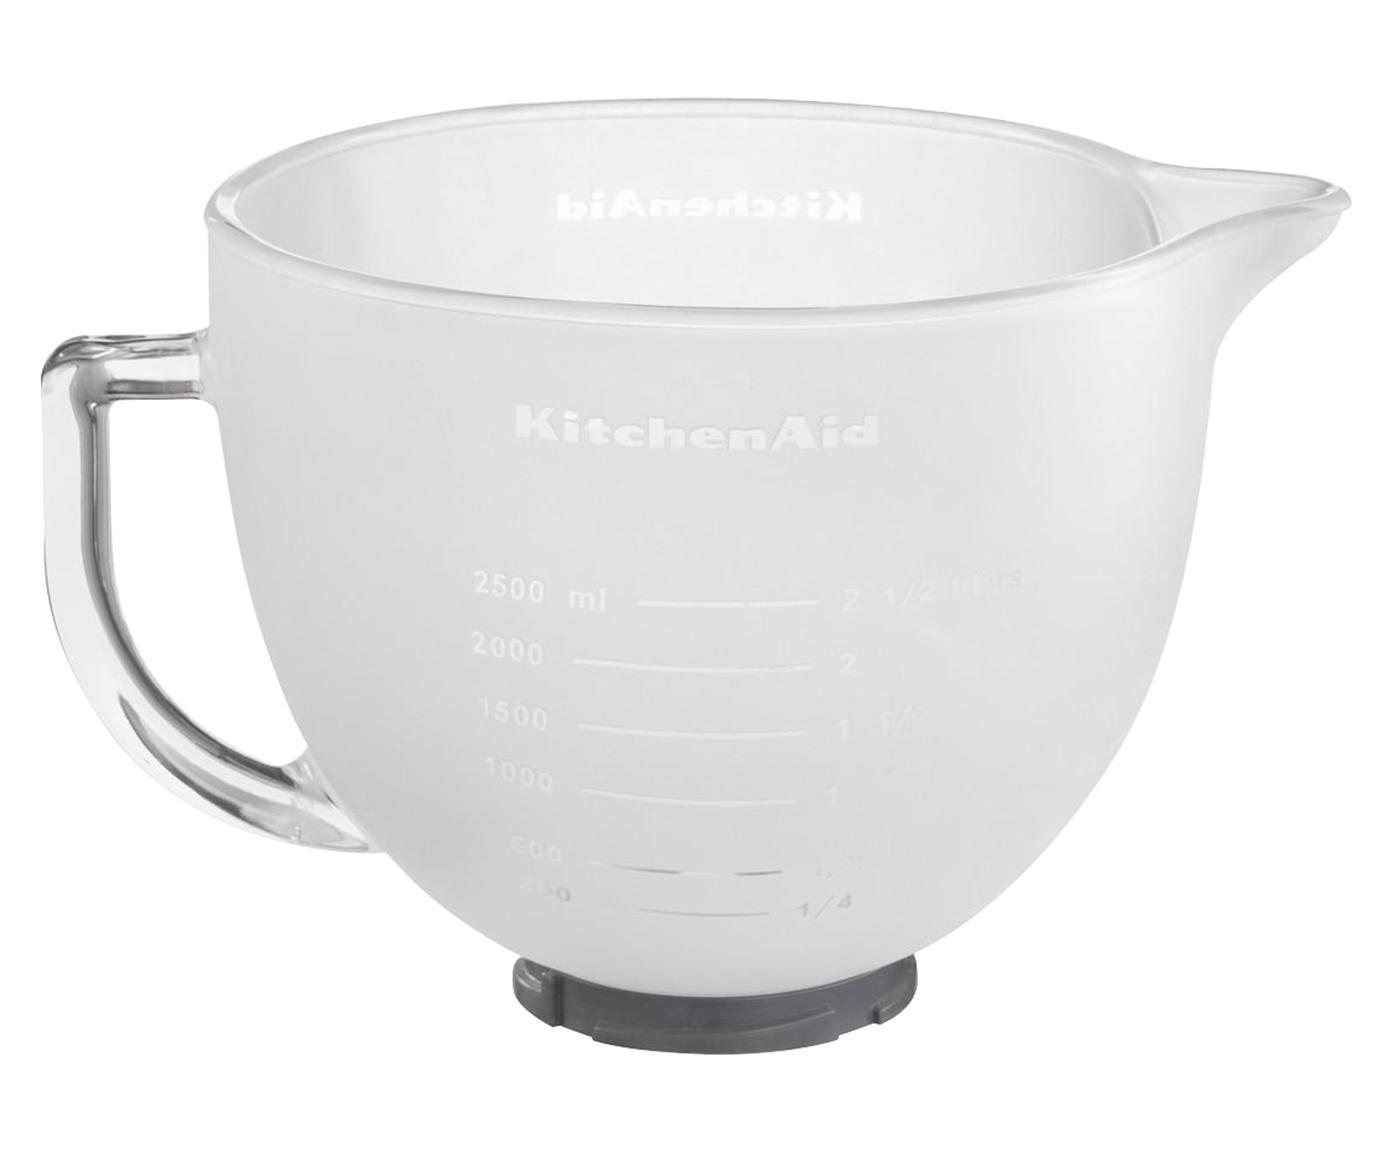 Ciotola in vetro per robot da cucina Artisan, Vetro smerigliato, copertura del silicone, Bianco, 4,8 litri